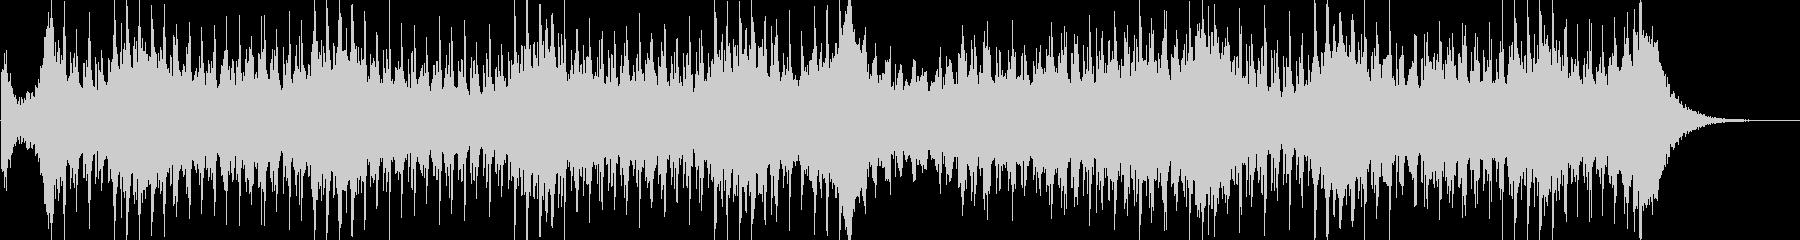 エレクトロでピアノメロの意気込みある曲の未再生の波形